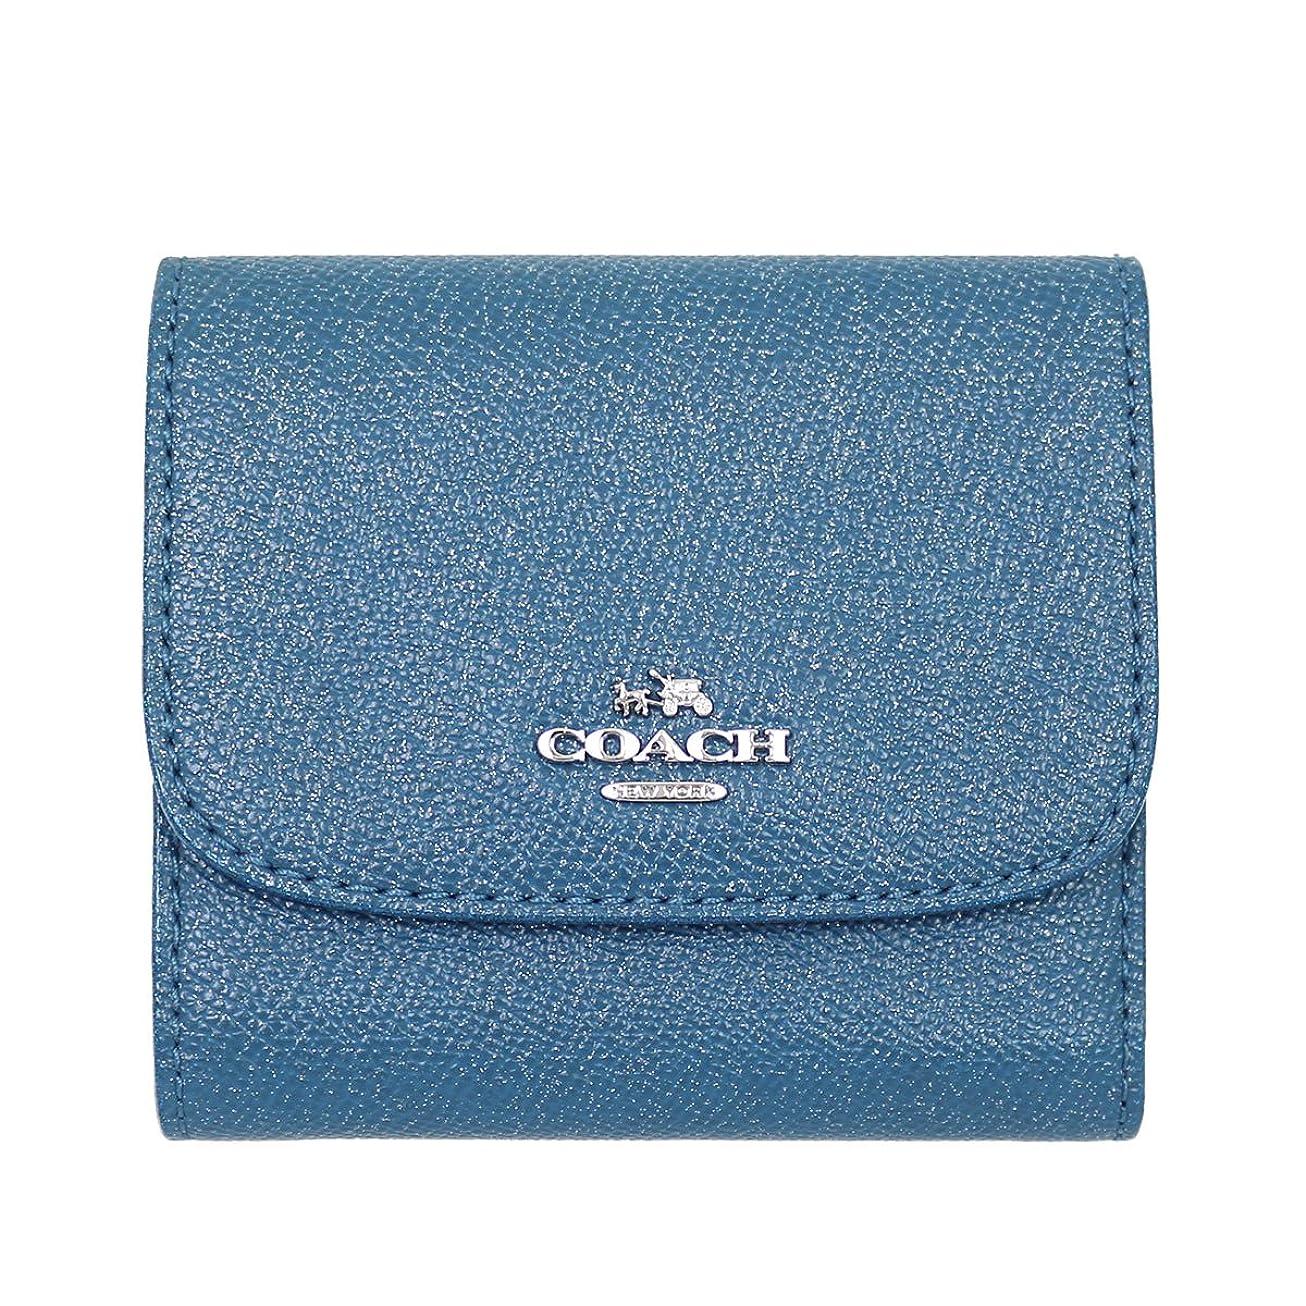 ディレイチャンバーミスペンド[コーチ] COACH 財布 (三つ折り財布) F15622 レザー 三つ折り財布 レディース [アウトレット品] [並行輸入品]